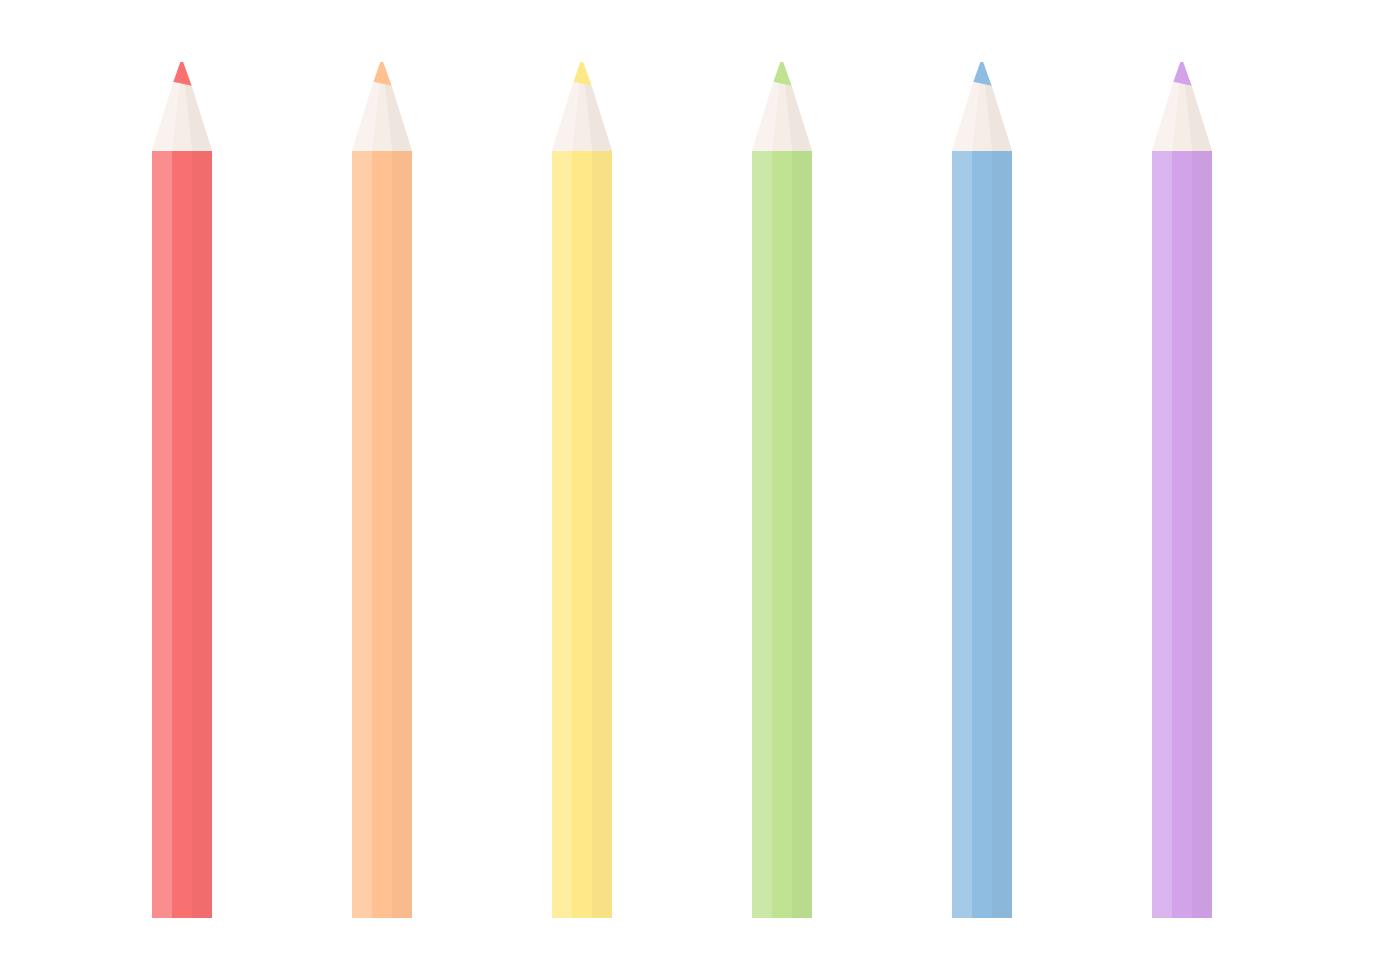 鉛筆素材 免費下載 | 天天瘋後製